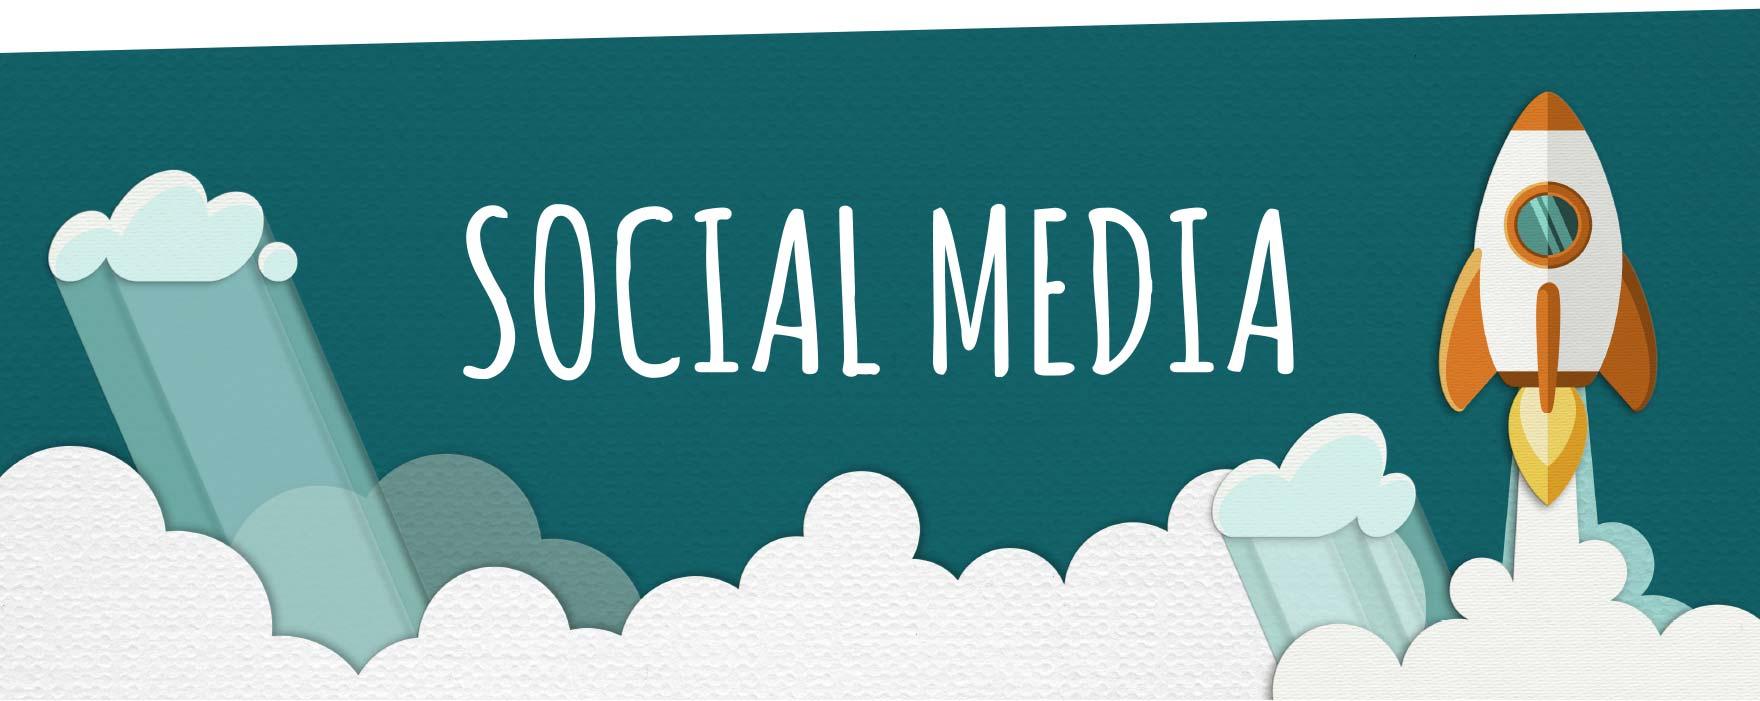 Social media rocket launch